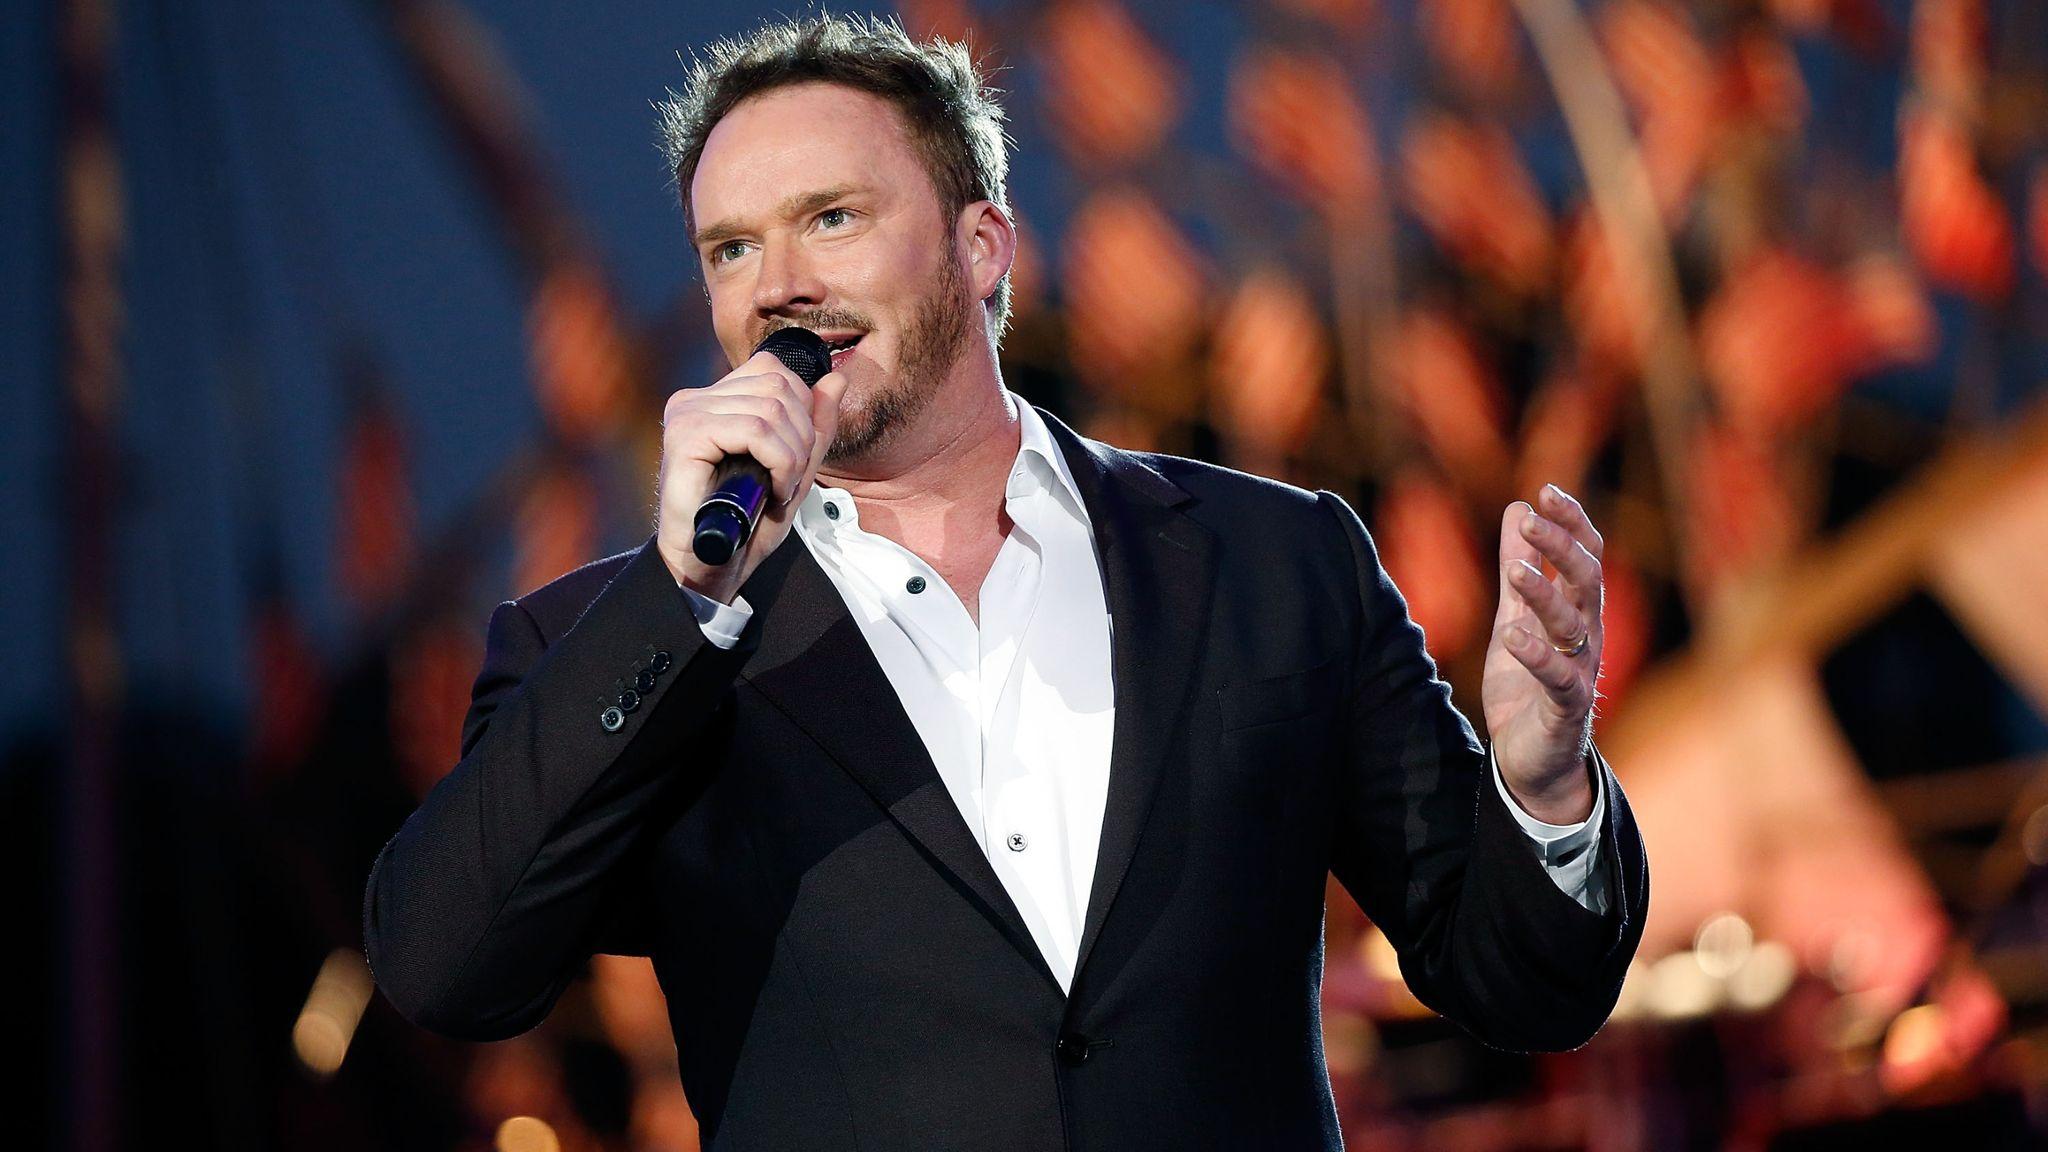 Watson performing in America in 2017